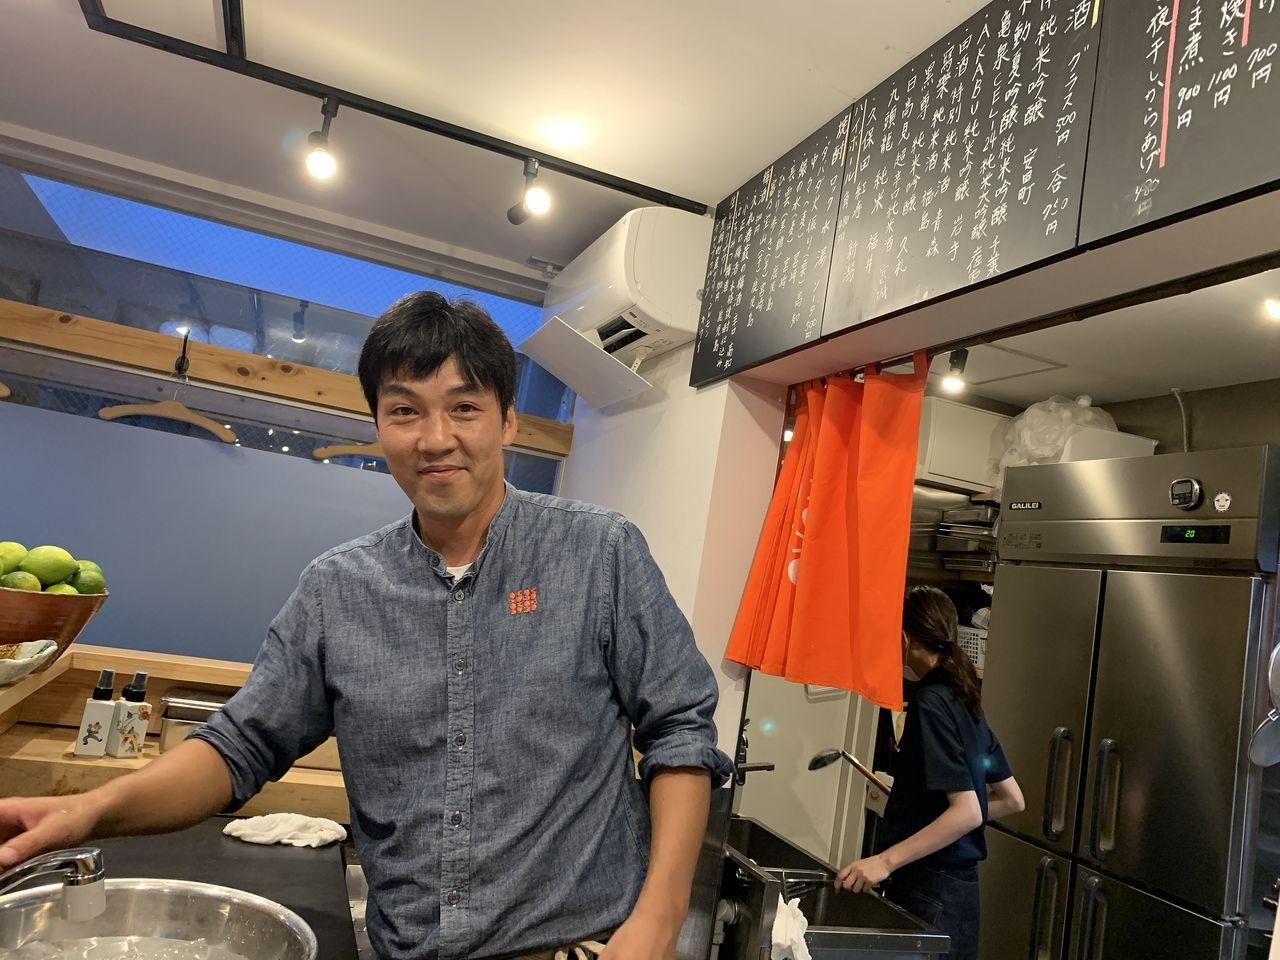 コの字サカバmihokiのオーナーの写真